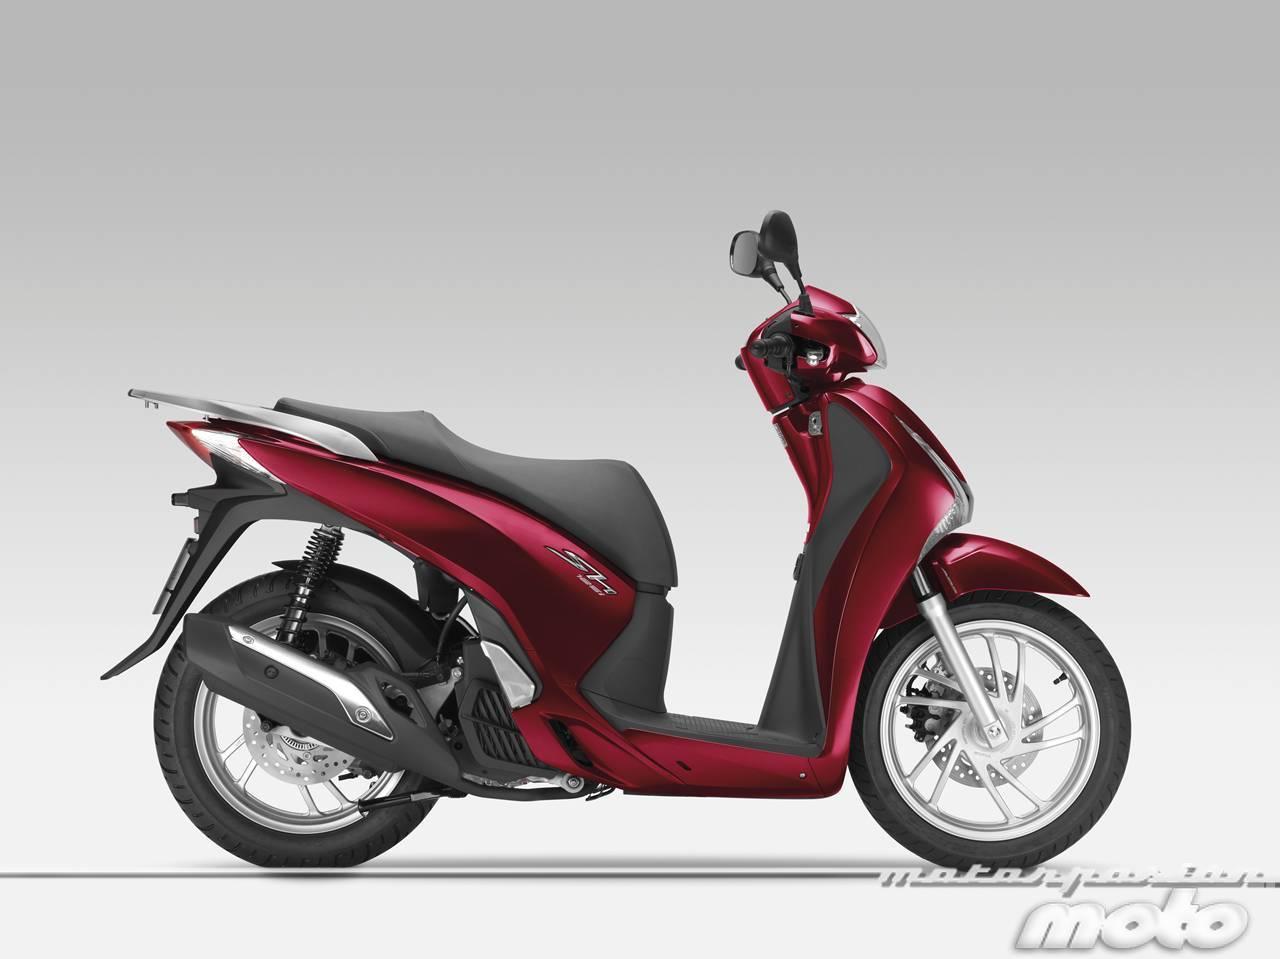 Foto de Honda Scoopy SH125i 2013, prueba (valoración, galería y ficha técnica)  - Fotos Detalles (46/81)